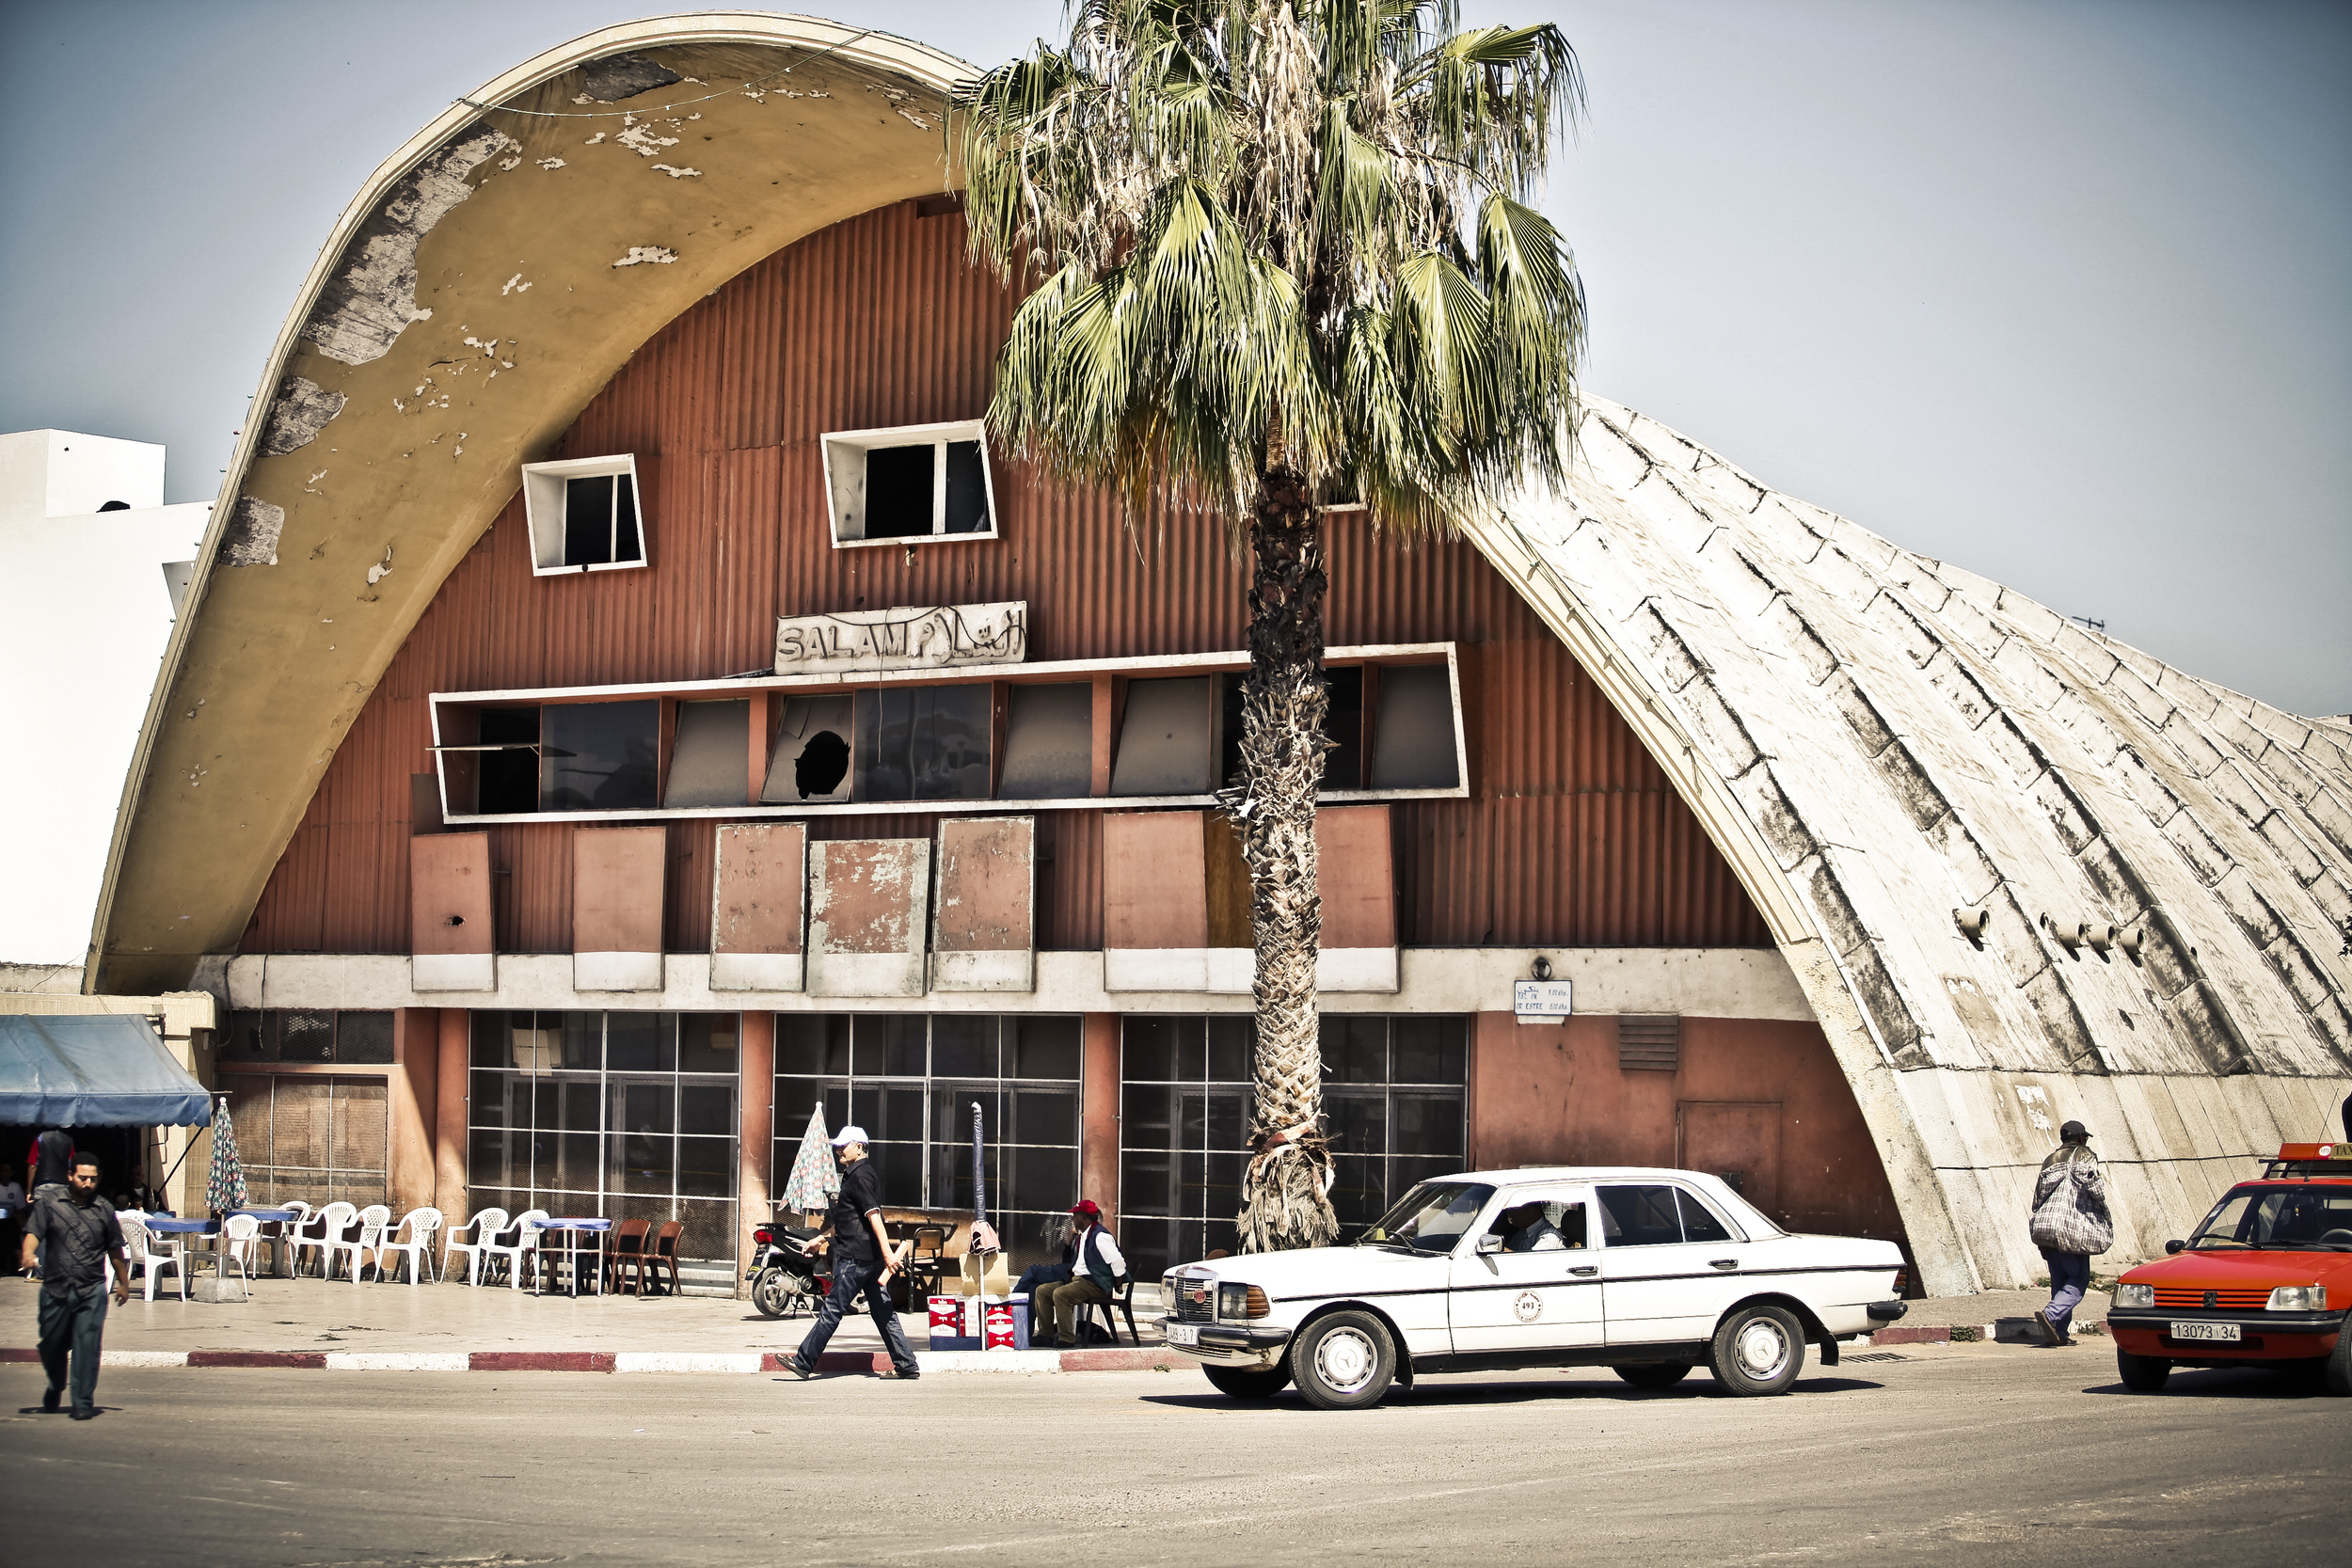 marokko-1.jpg